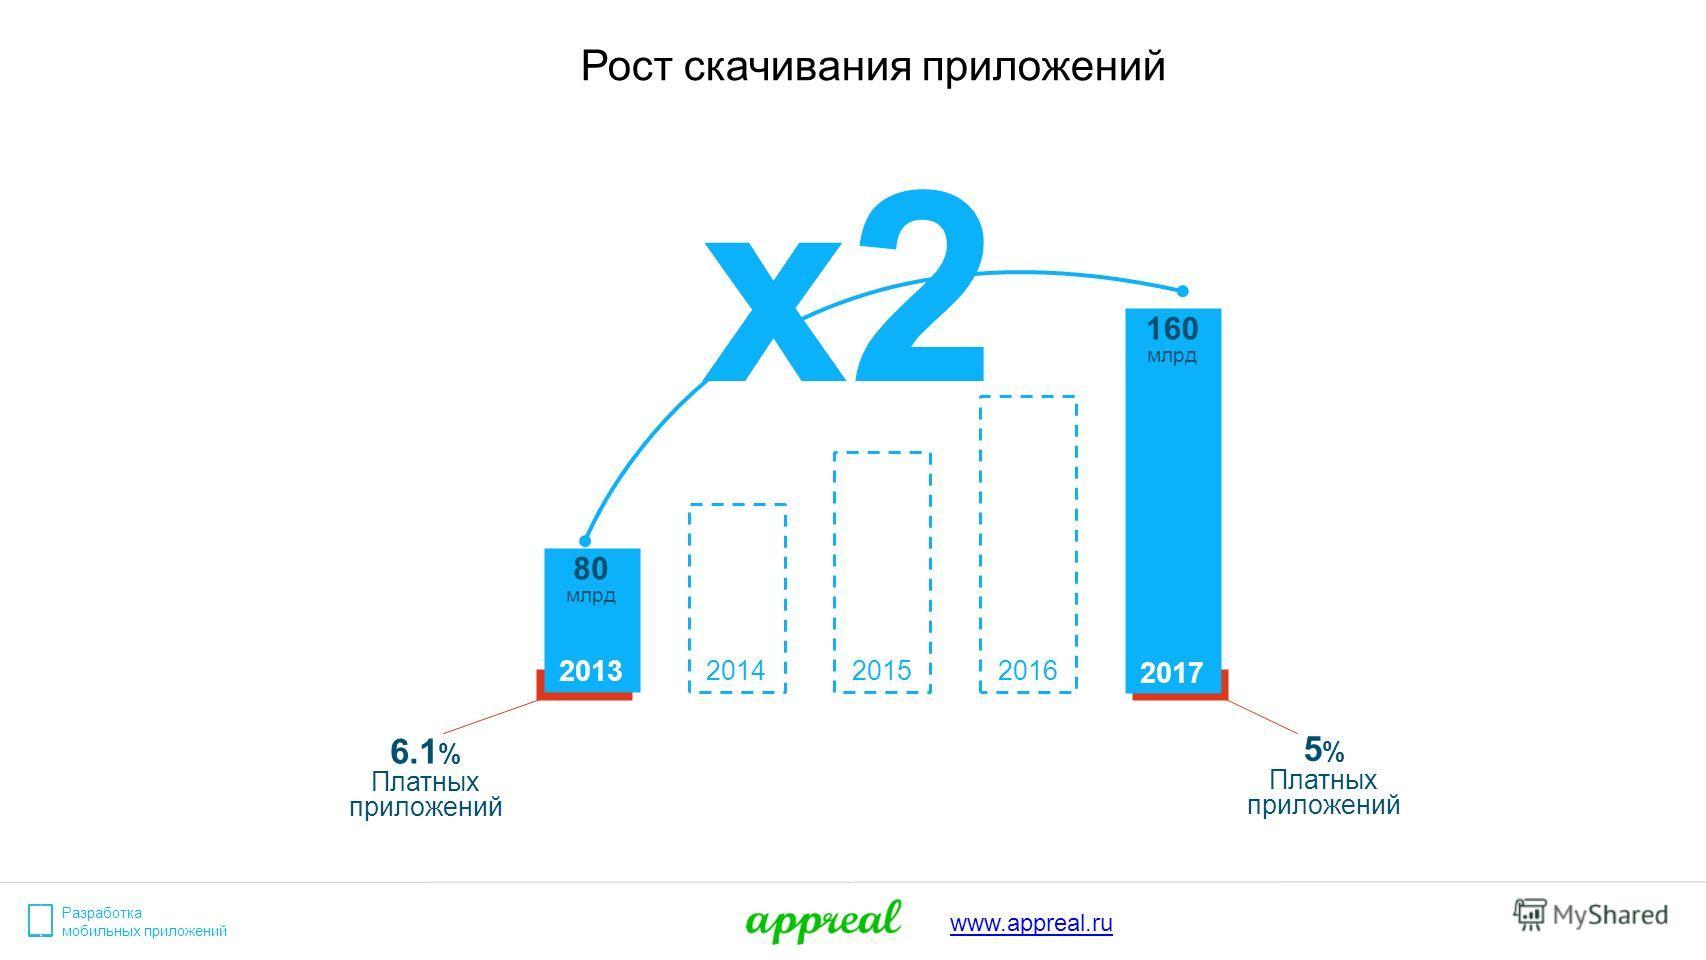 Разработка мобильных приложений www.appreal.ru 2013 2017 160 млрд 201420152016 x2 80 млрд 6.1 % Платных приложений 5 % Платных приложений Рост скачивания приложений